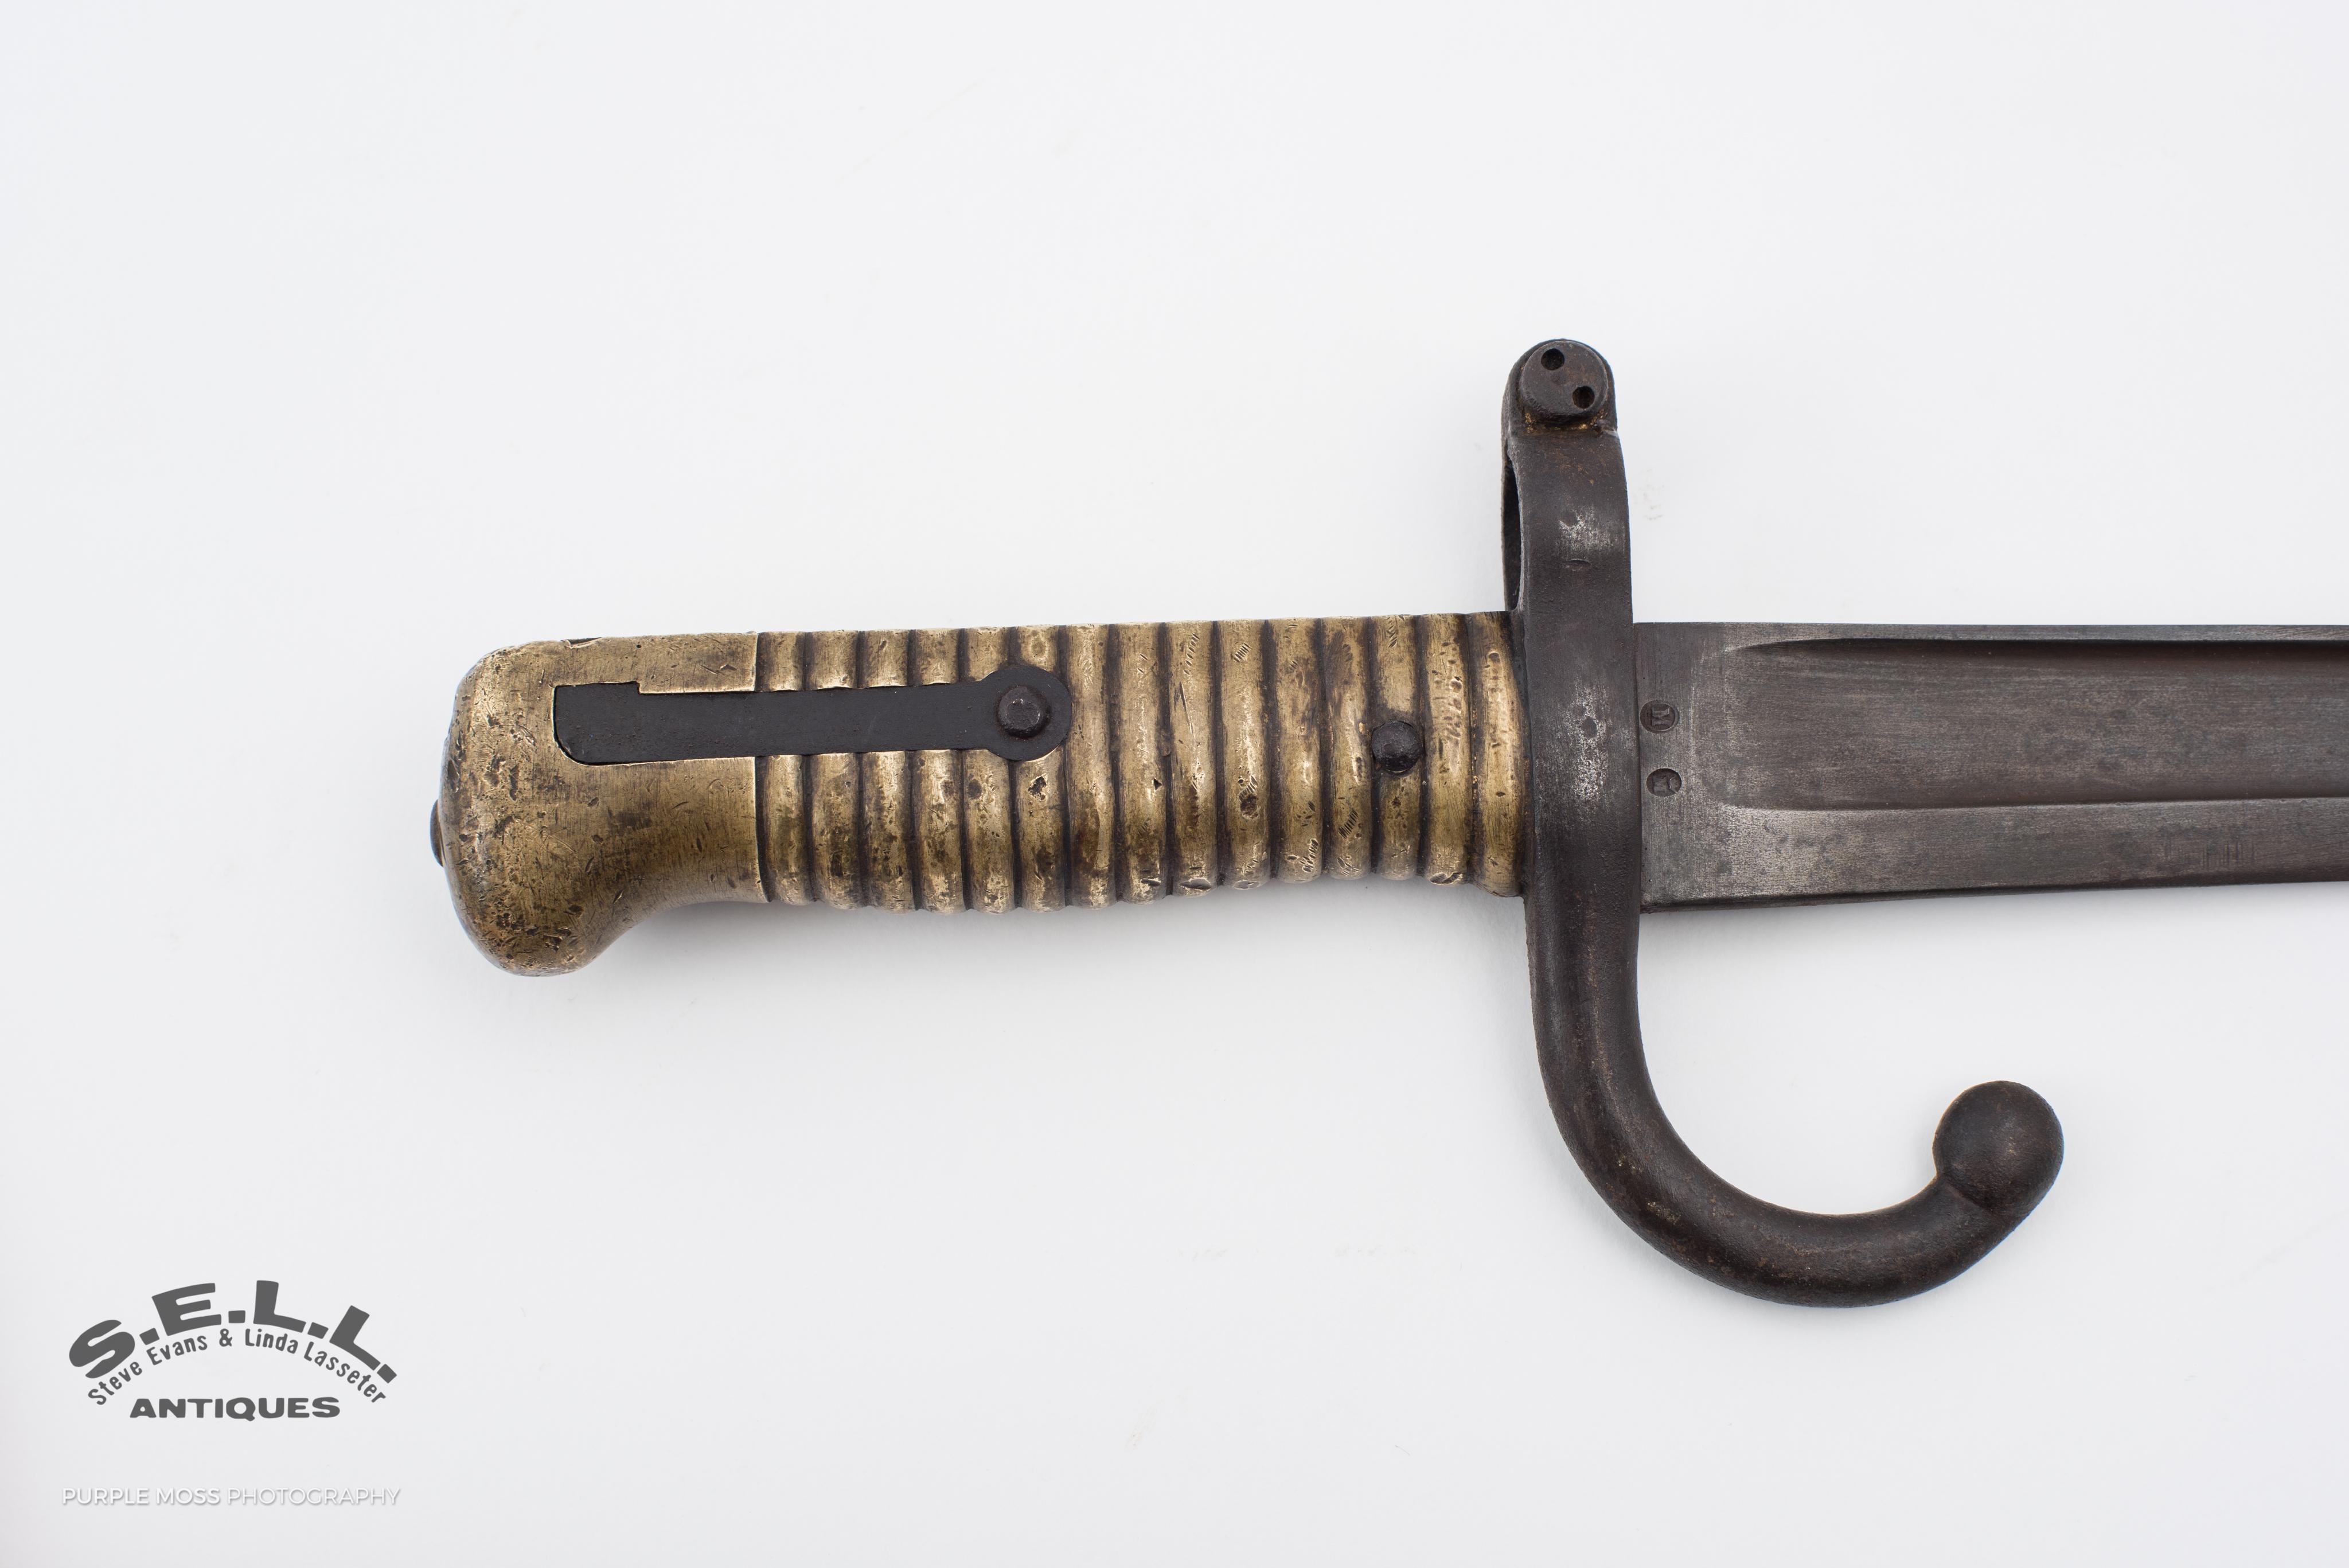 WW1era fighting knife / French bayonet Chassepot Salt Lake City Store